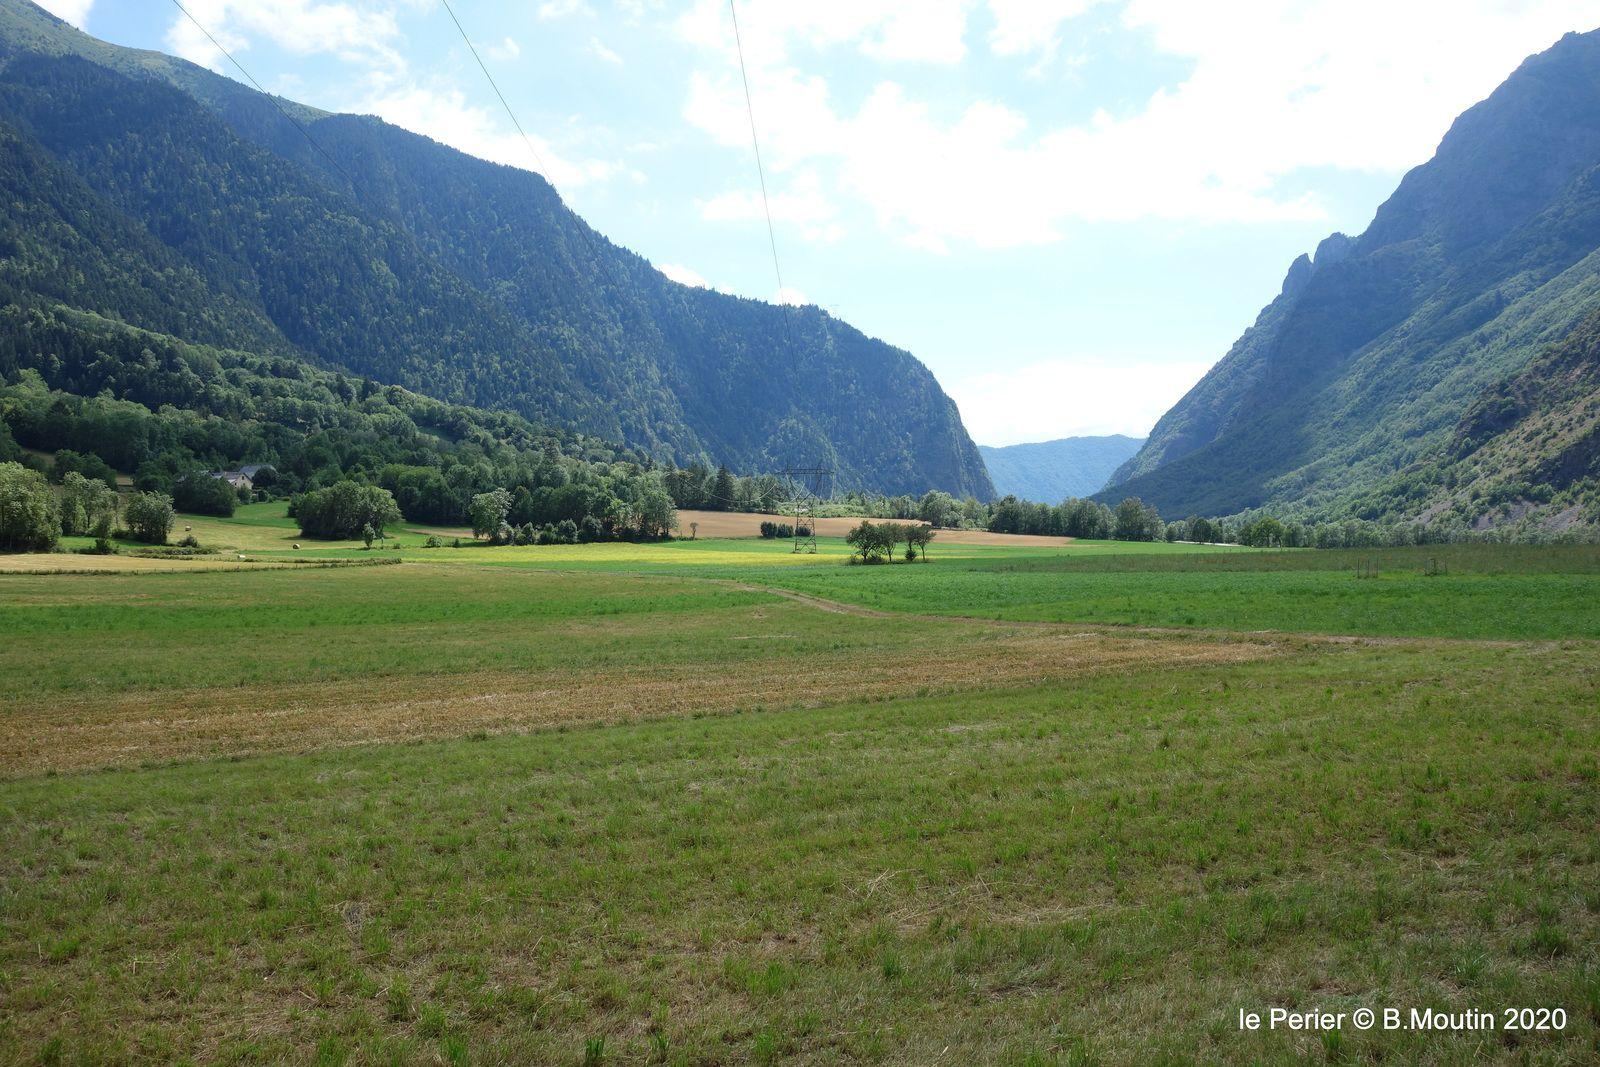 La vallée du Perier dans les Ecrins (7 photos)